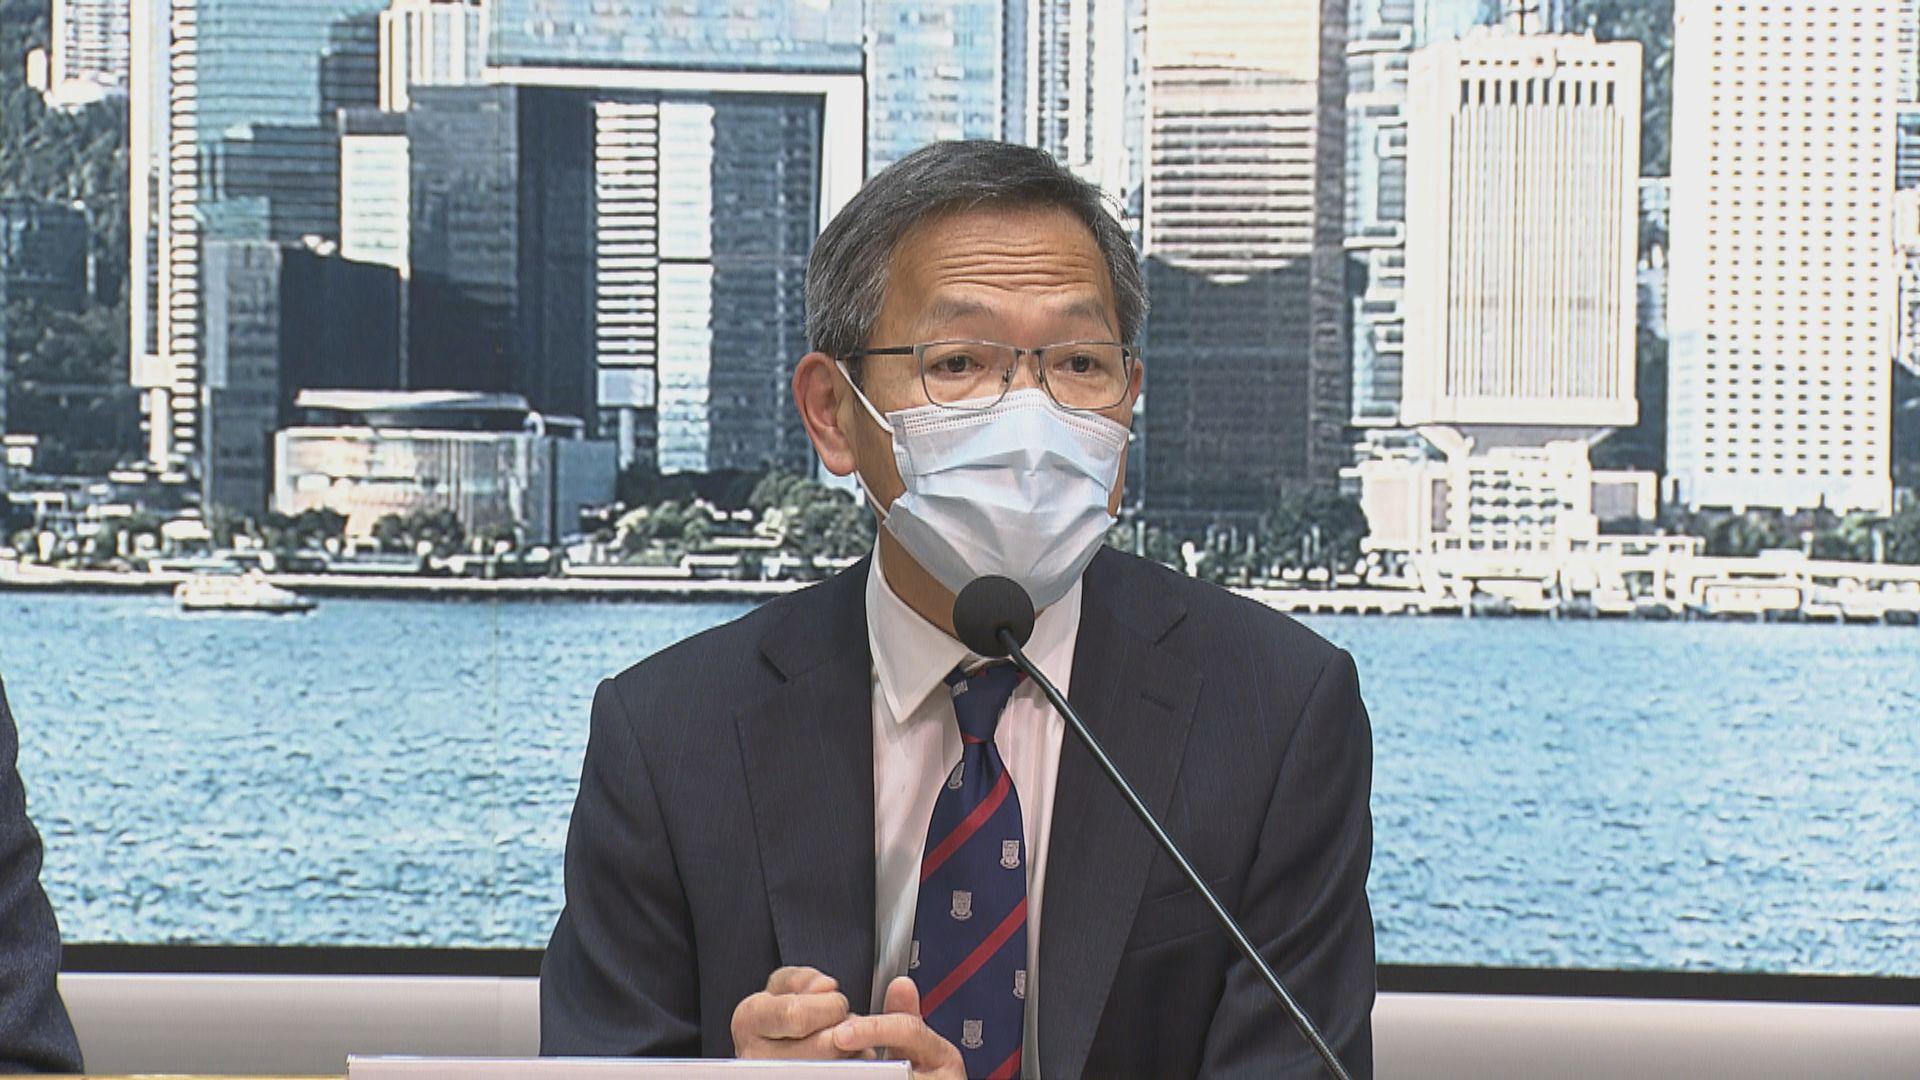 疫苗專家委員會:科興疫苗安全性可接受 兩周後再審視